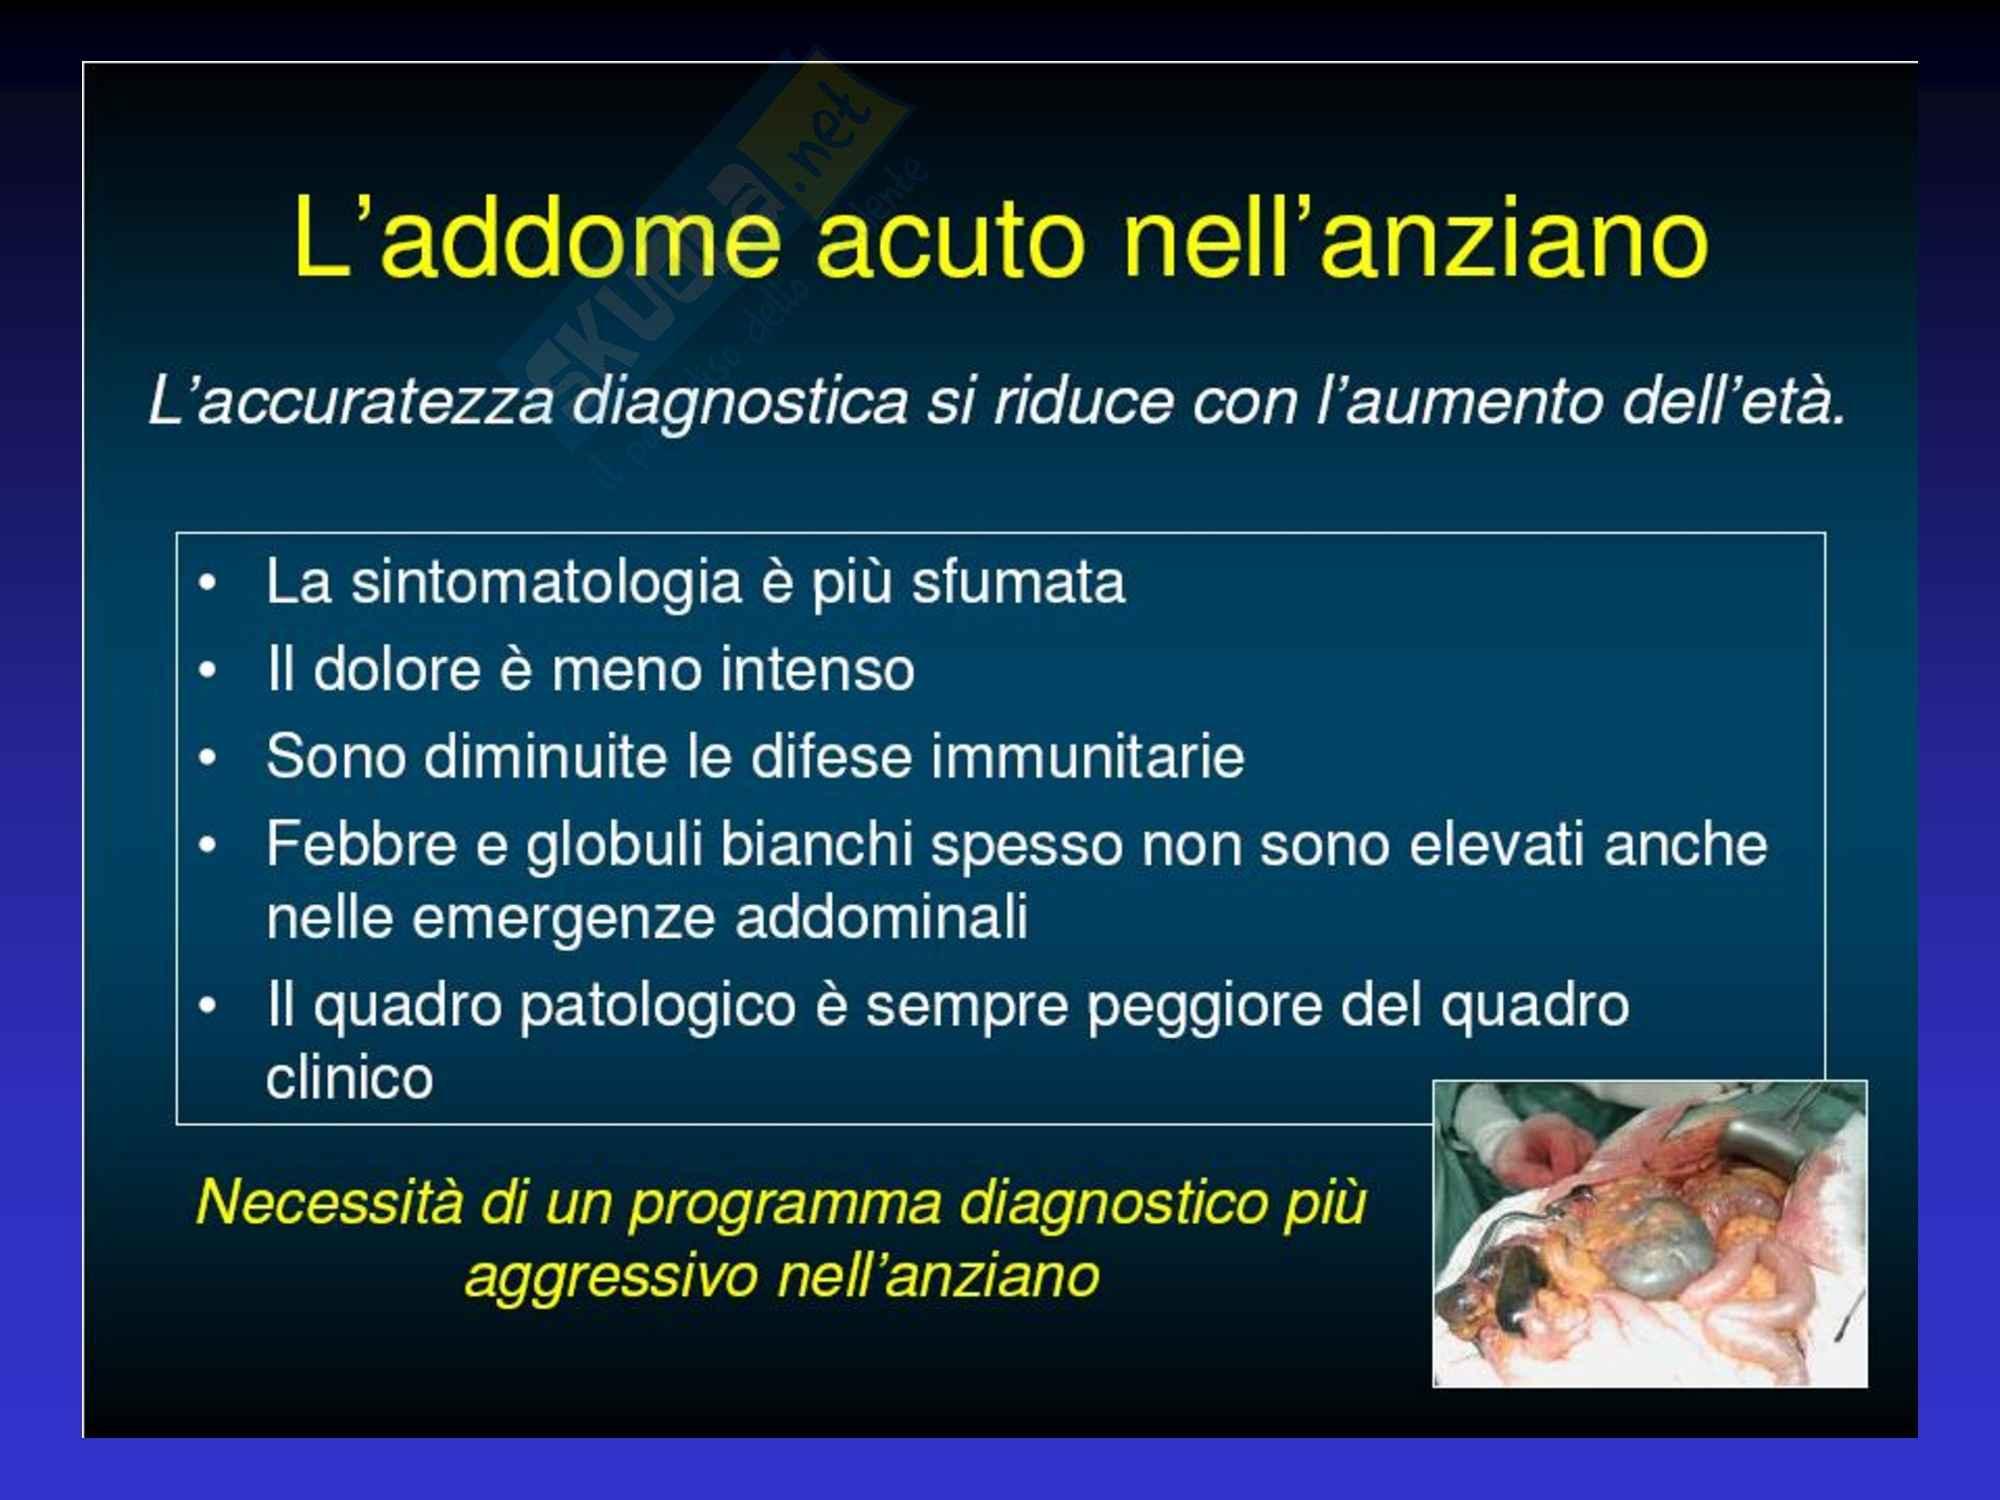 Addome Acuto - Semeiotica Chirurgica Pag. 21